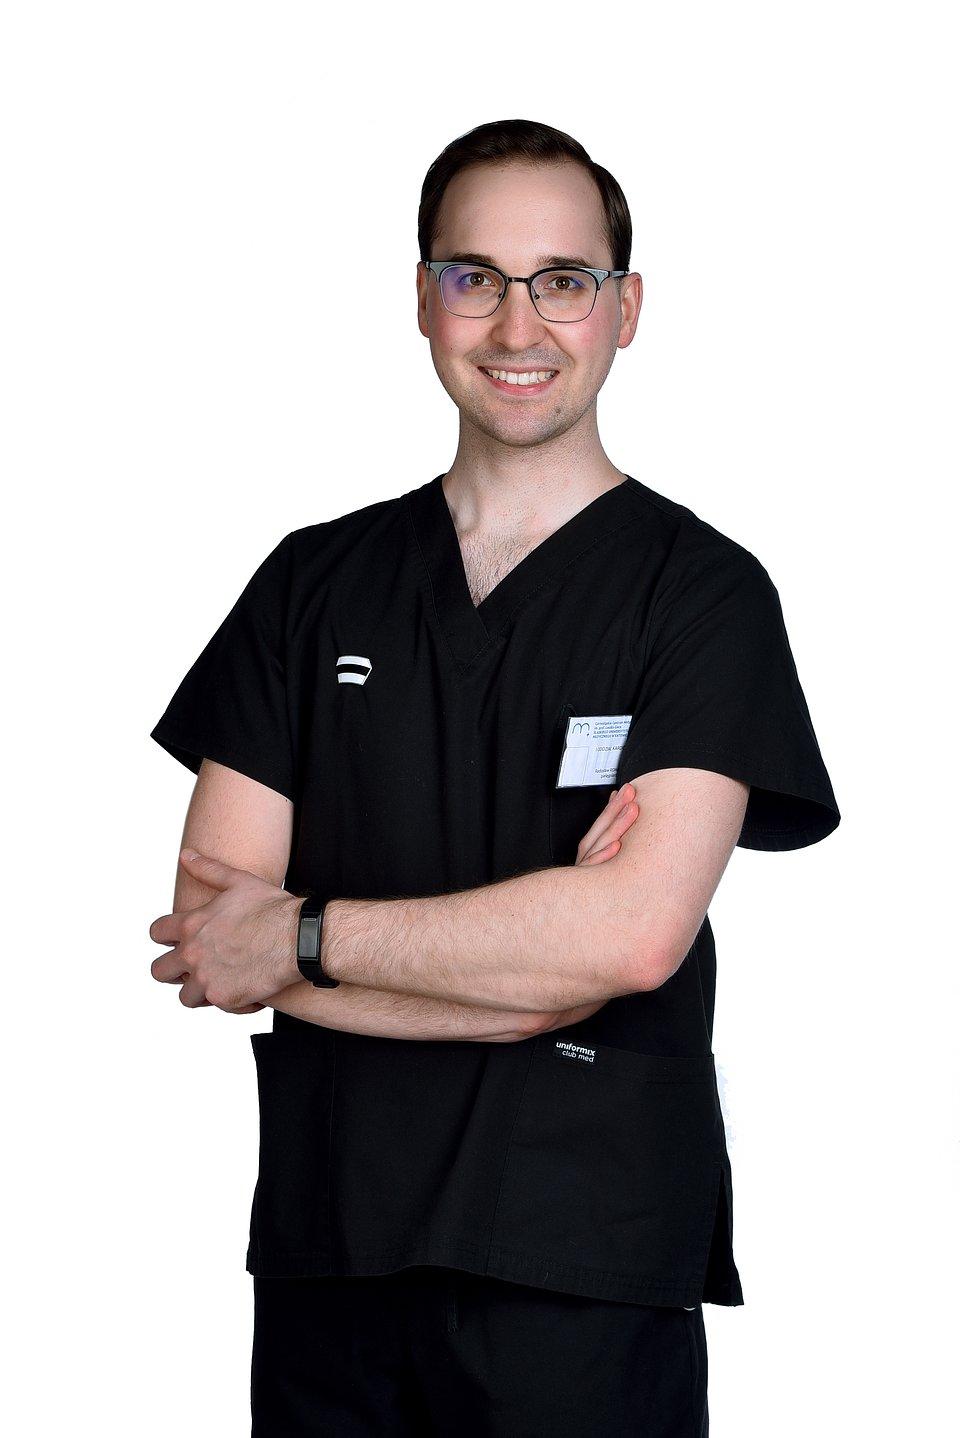 Radosław Romanek, laureat piątej polskiej edycji konkursu Queen Silvia Nursing Award